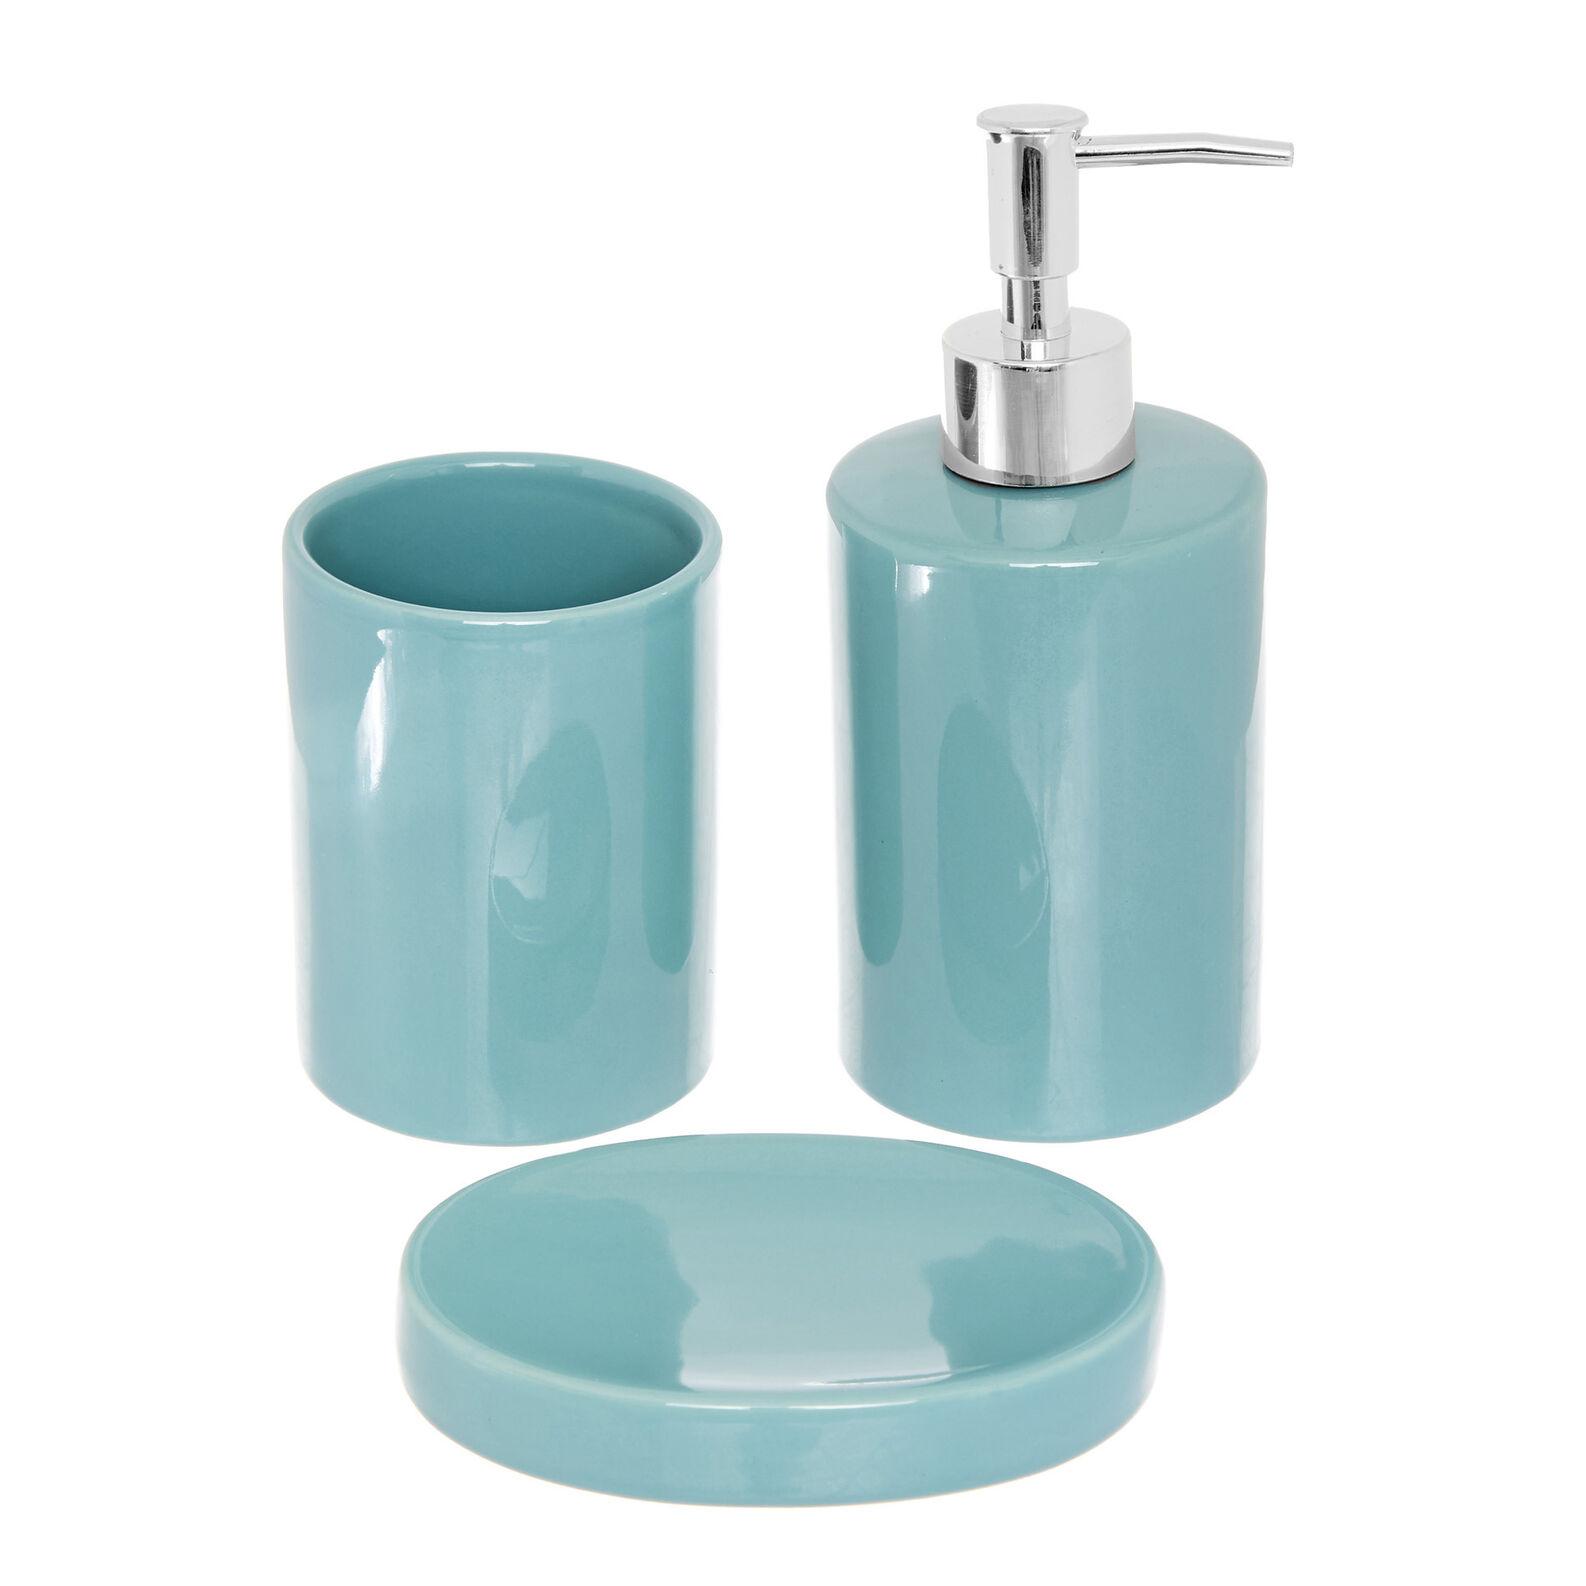 Set of 3 ceramic bathroom accessories